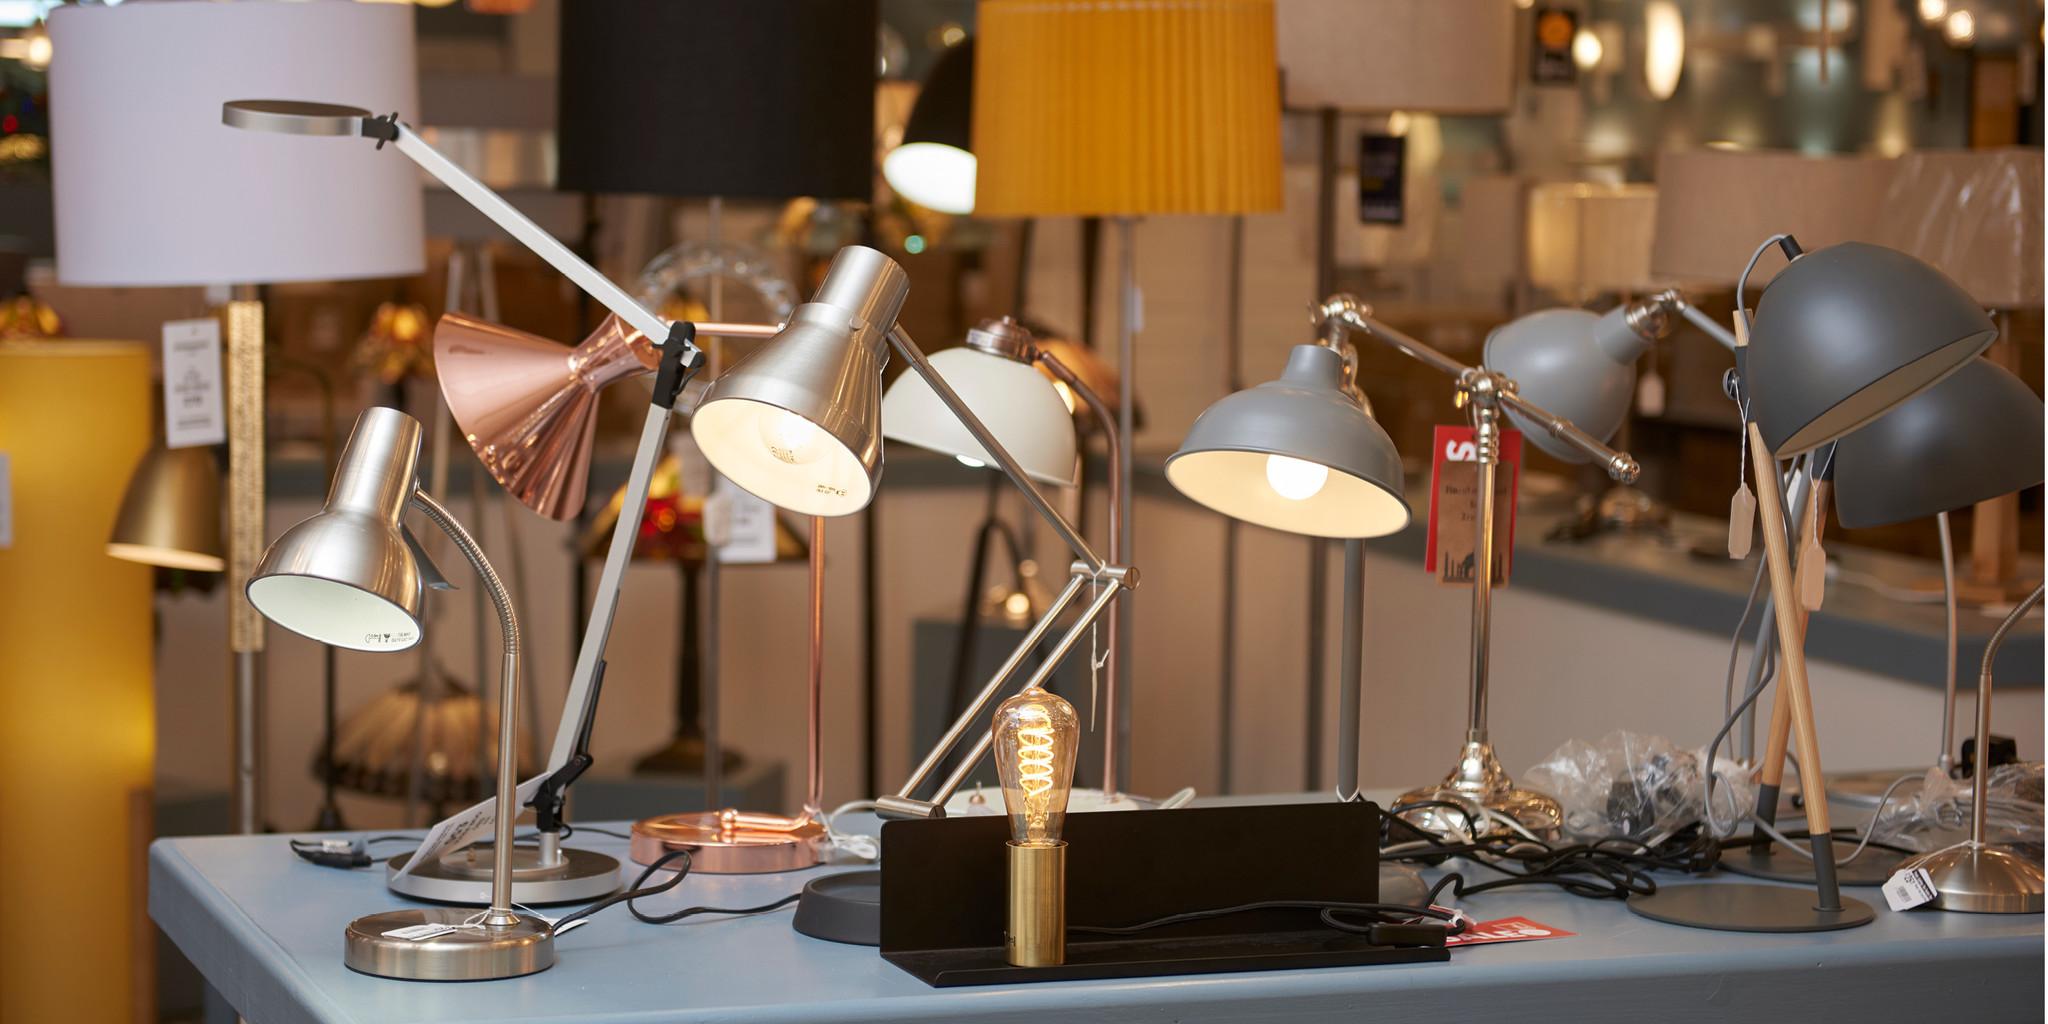 The Factory Shop desk task lights